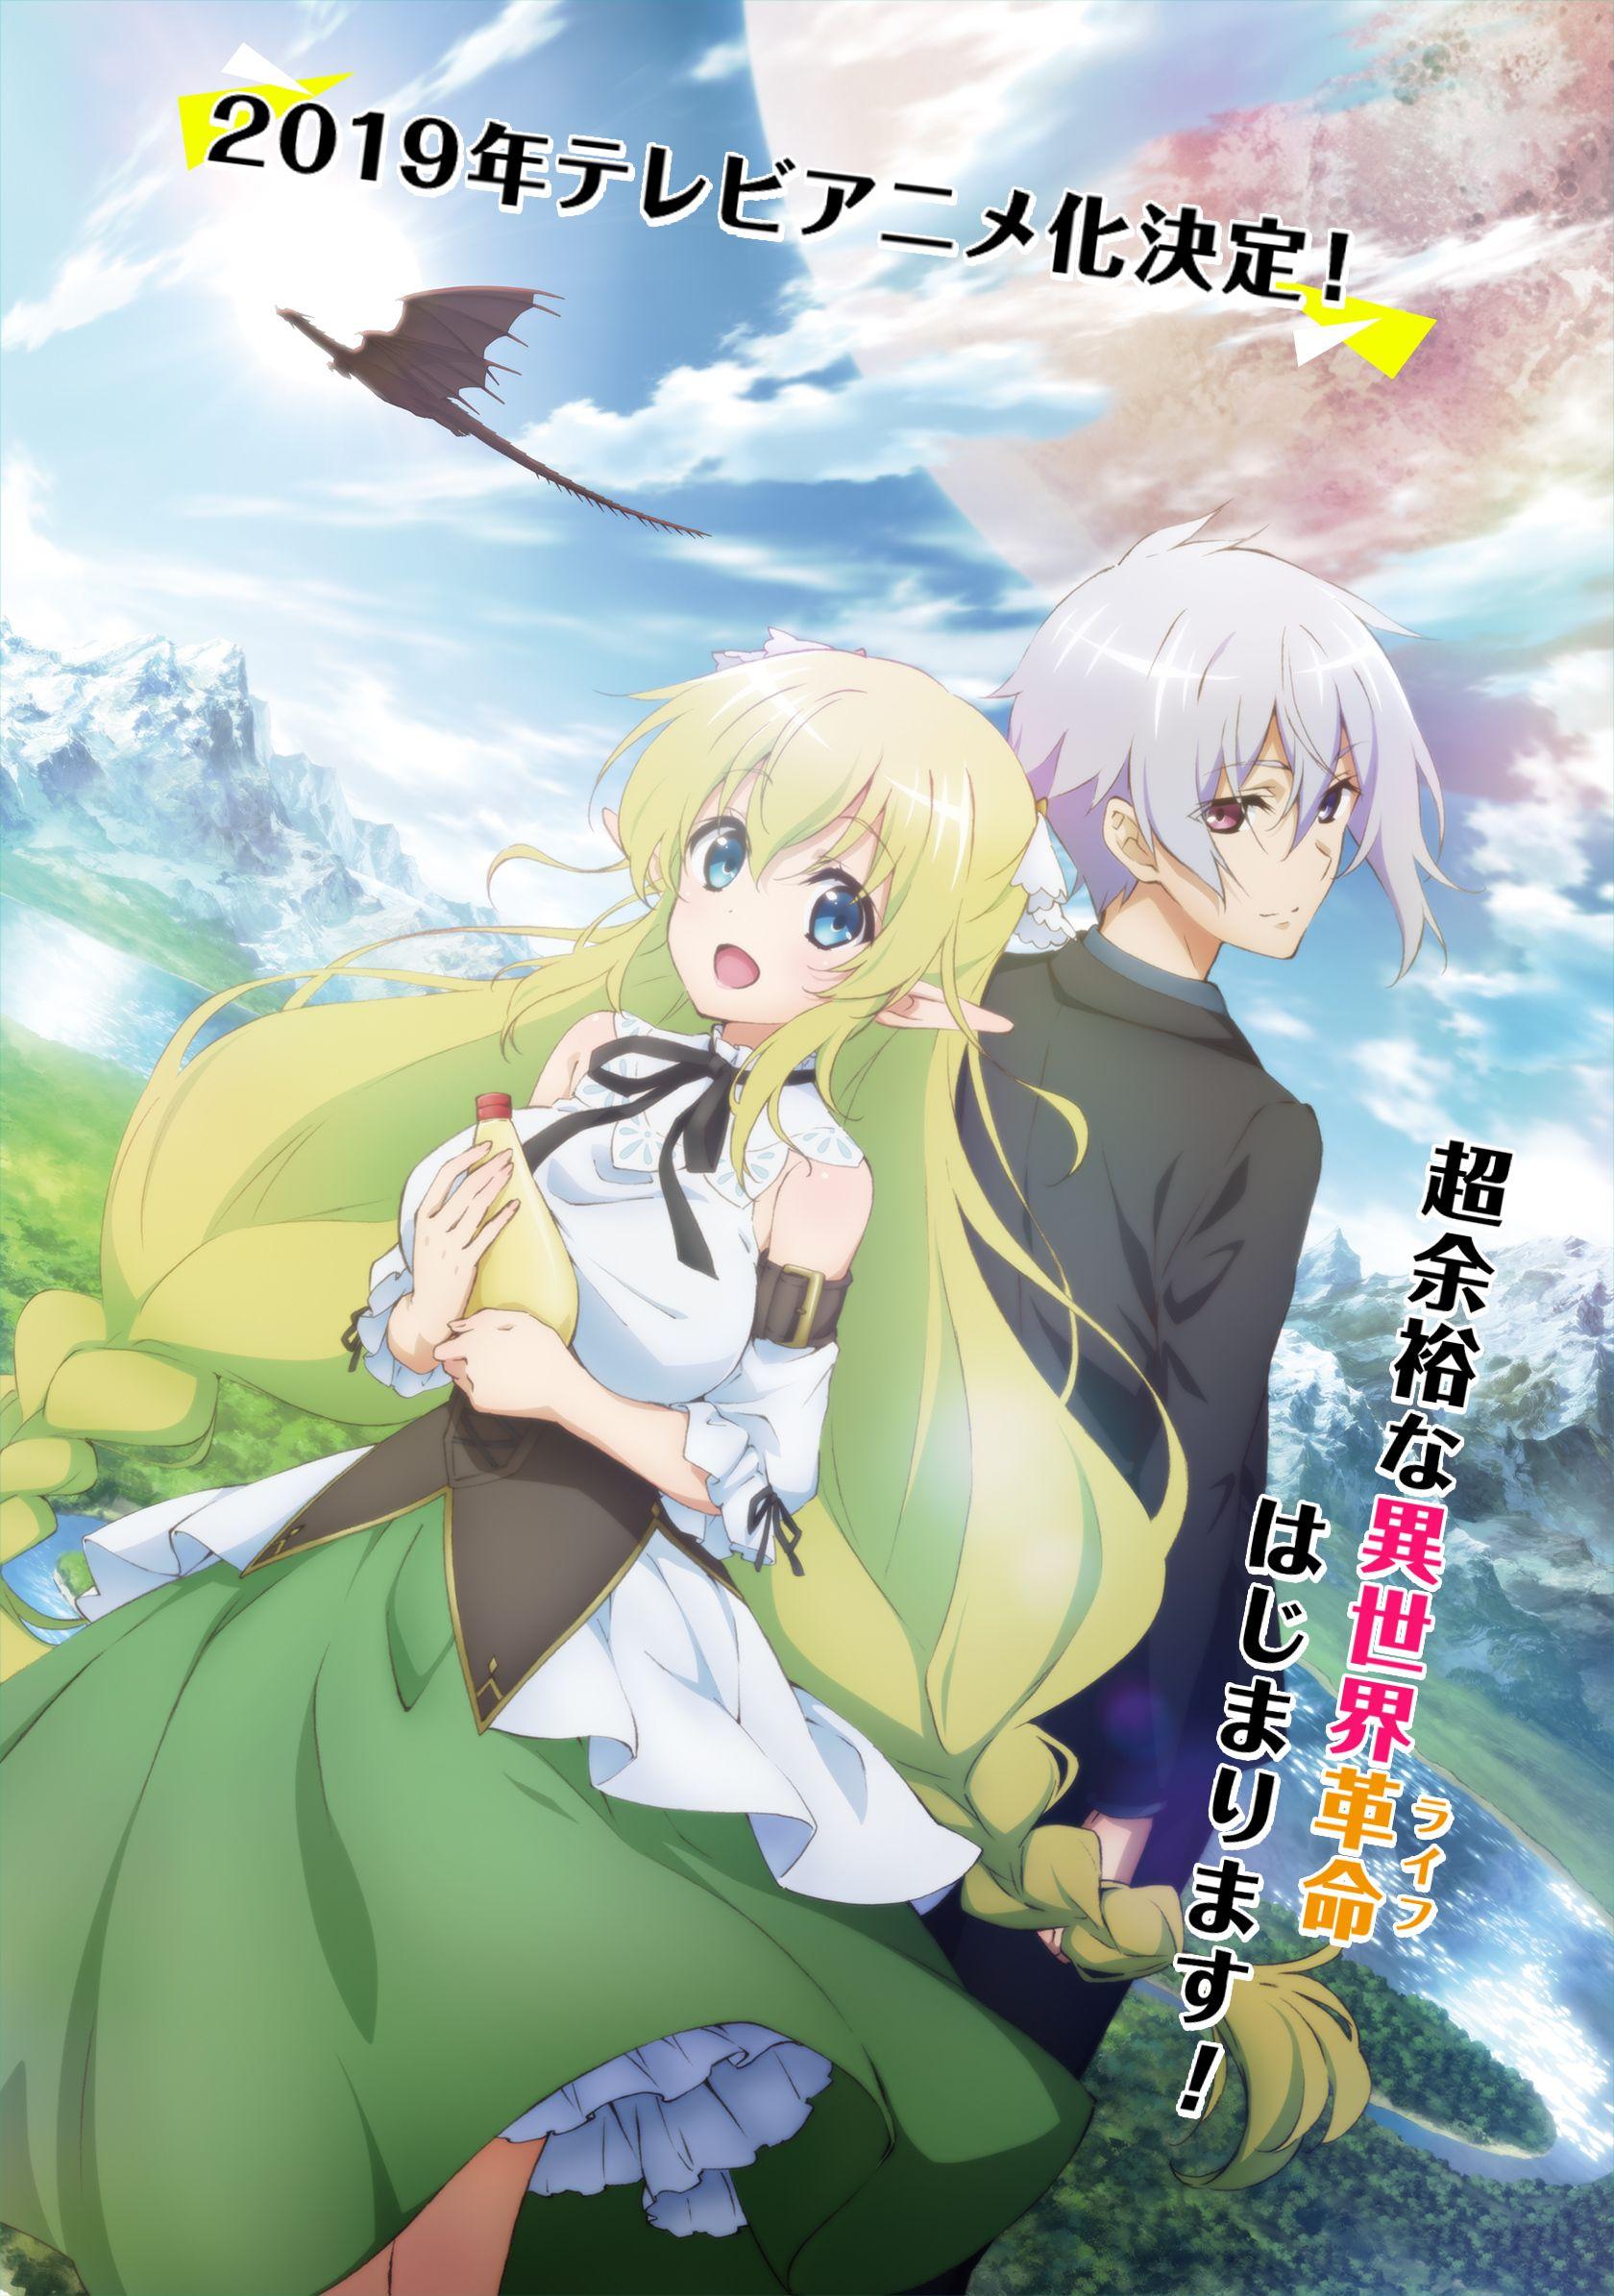 8adf4fc8b La novela ligera Chōjin-Kokoseitachi wa Isekai demo Yoyu de Ikinuku Yōdesu! será  adaptada al anime - Ramen Para Dos